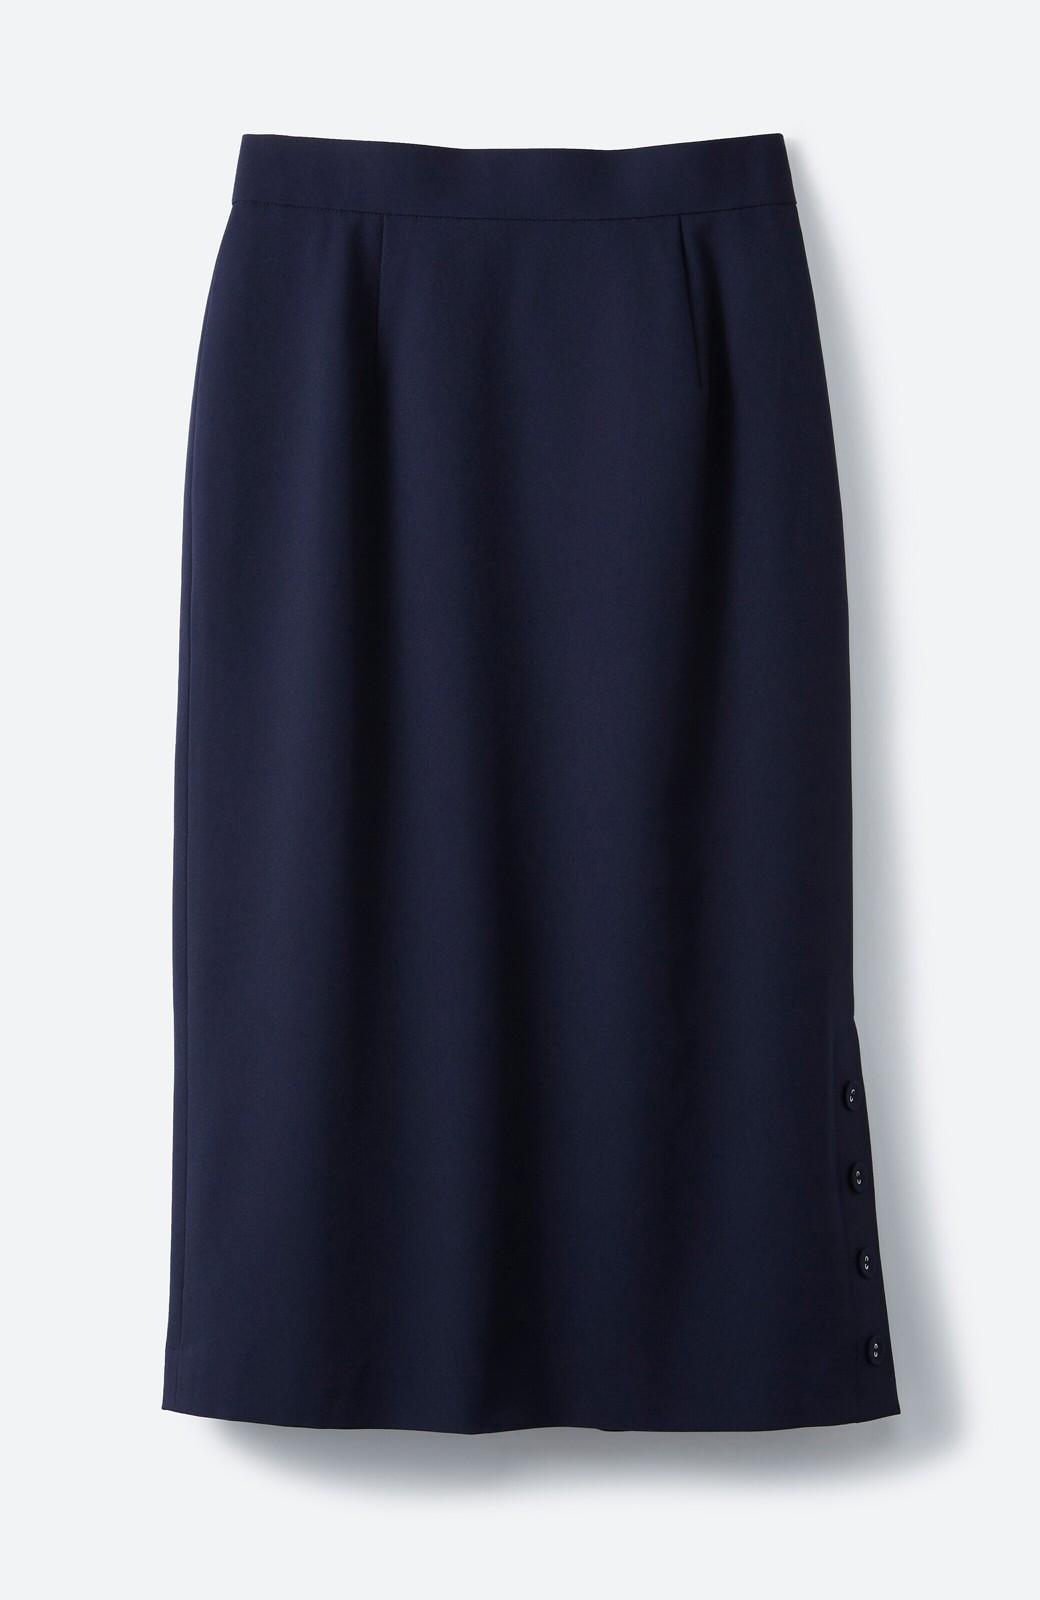 haco! 持っていると便利な野暮ったくならないフォーマルジャケット・パンツ・スカートの3点セット <ダークネイビー>の商品写真3